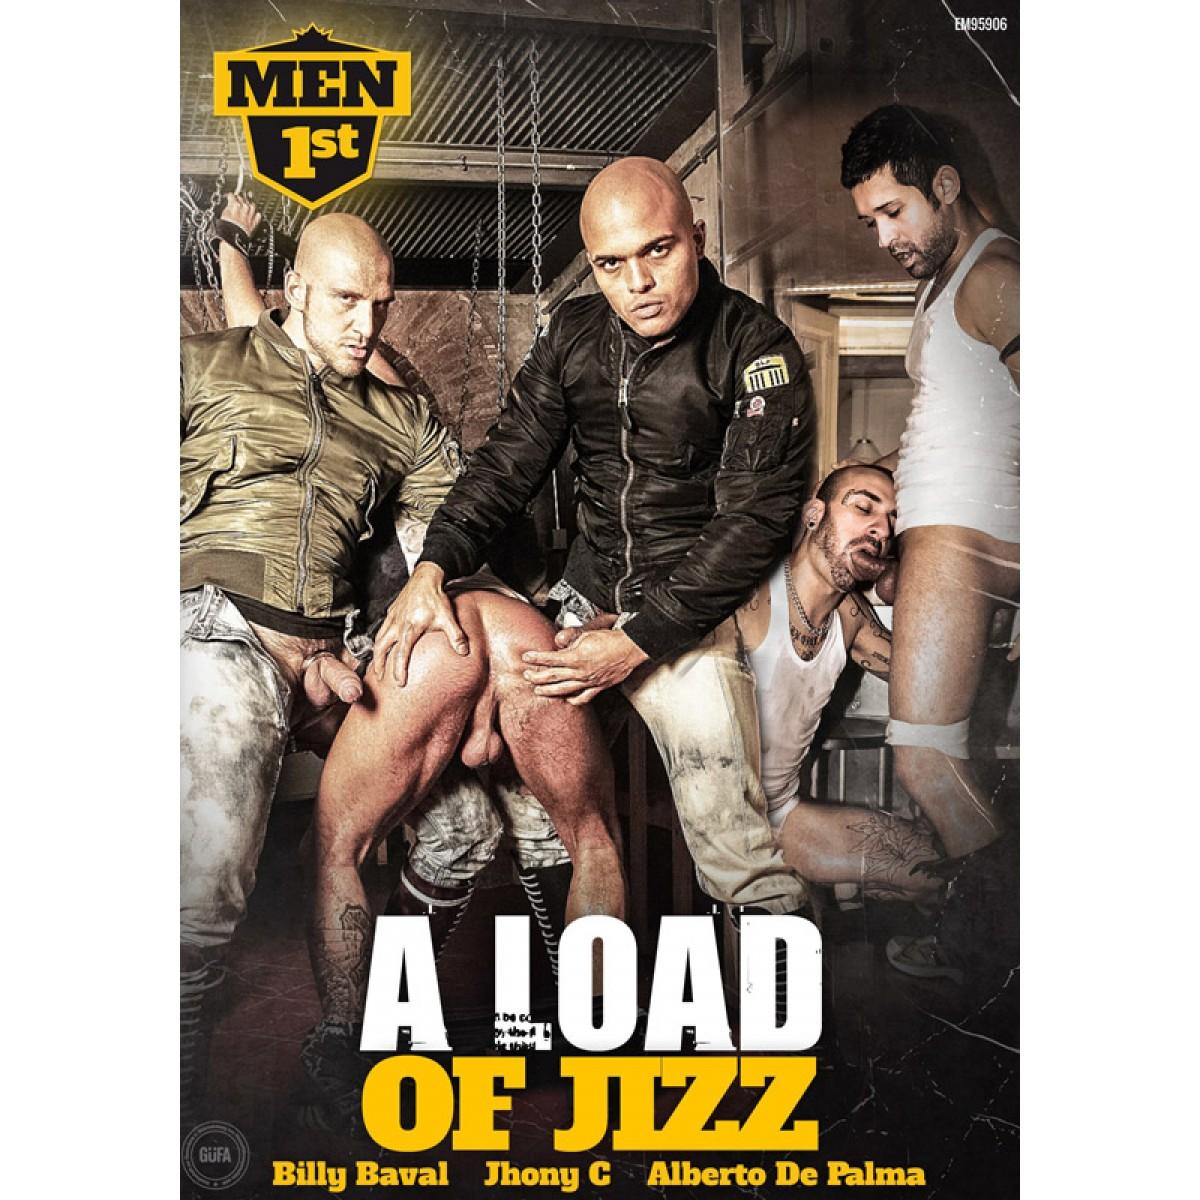 Alberto De Palma Porn a load of jizz dvd